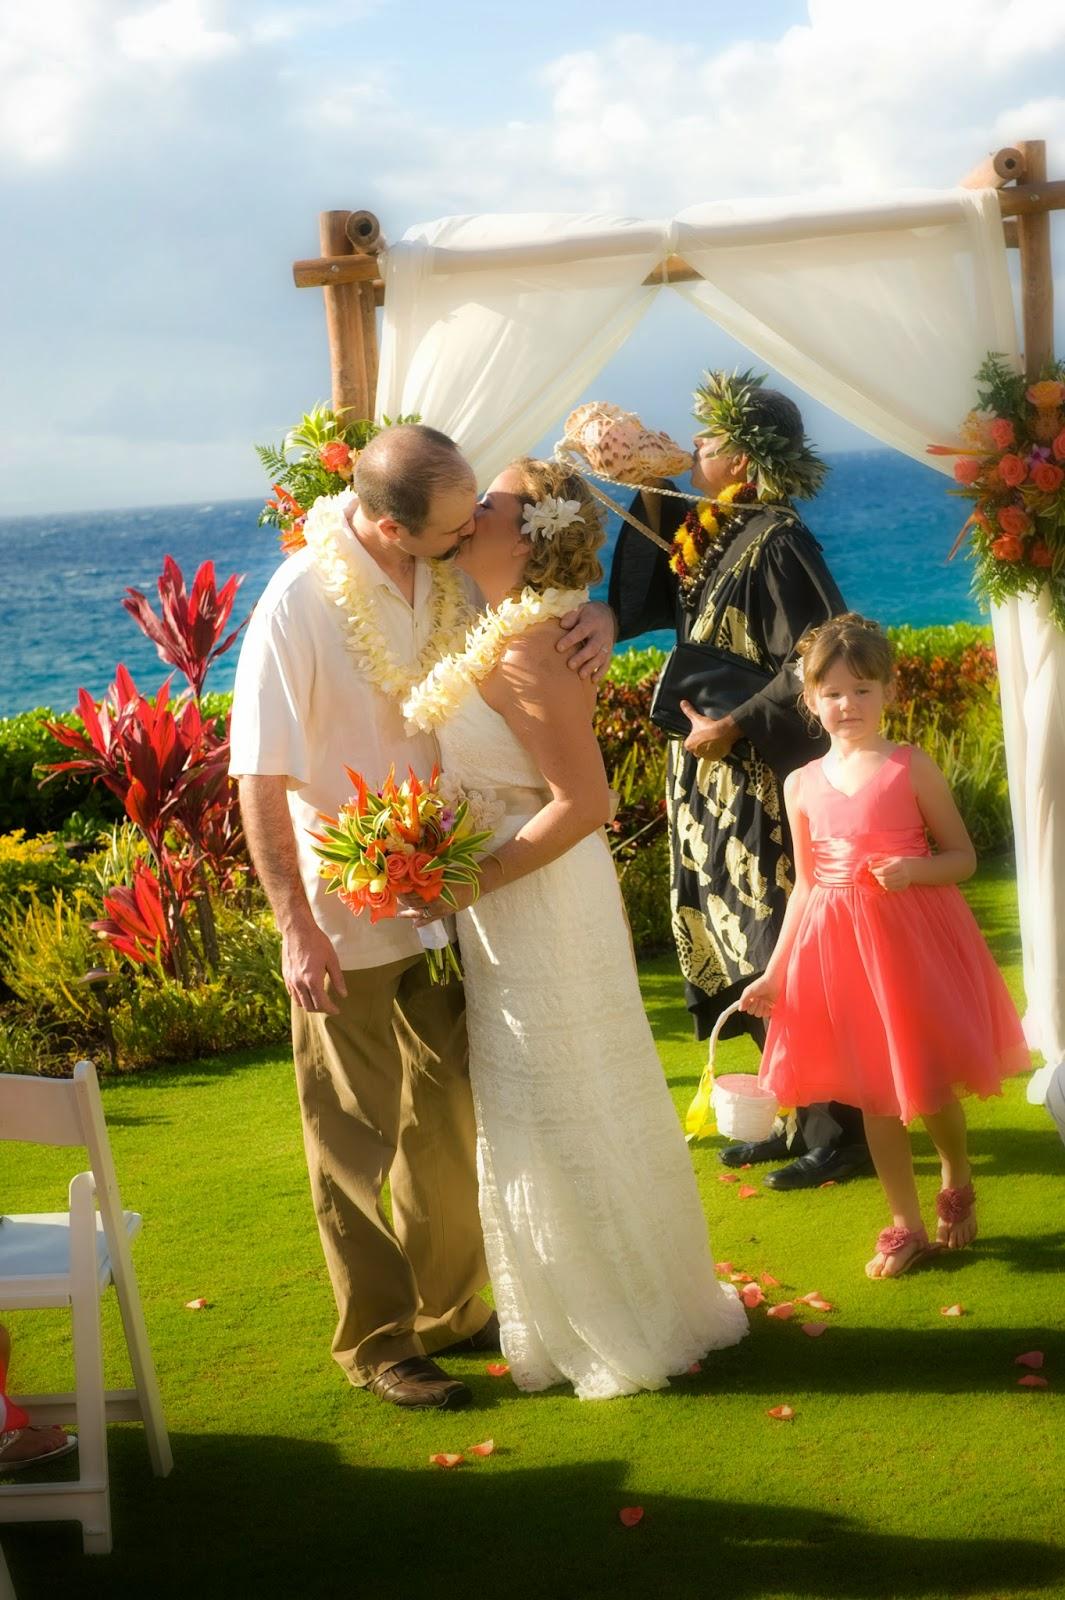 maui weddig planners, maui weddings, maui wedding photographers, maui photographers, wedding planners maui